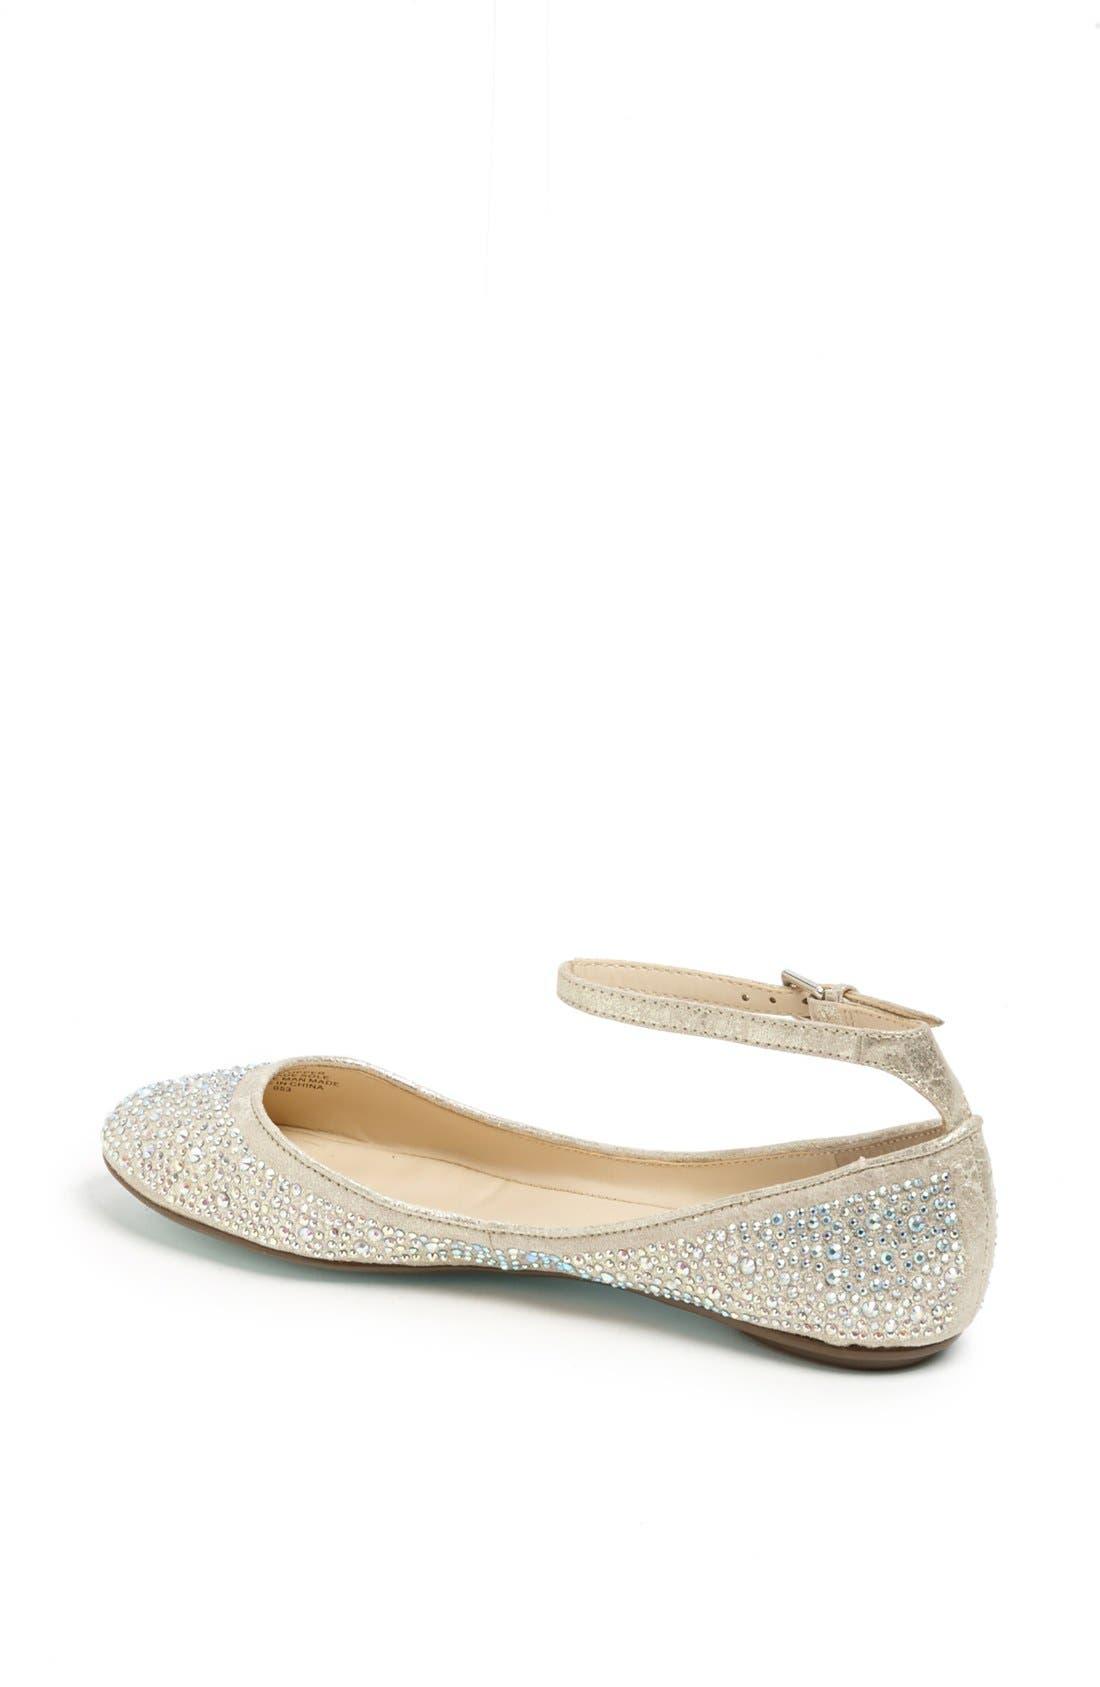 Alternate Image 2  - Betsey Johnson 'Joy' Ankle Strap Crystal Embellished Flat